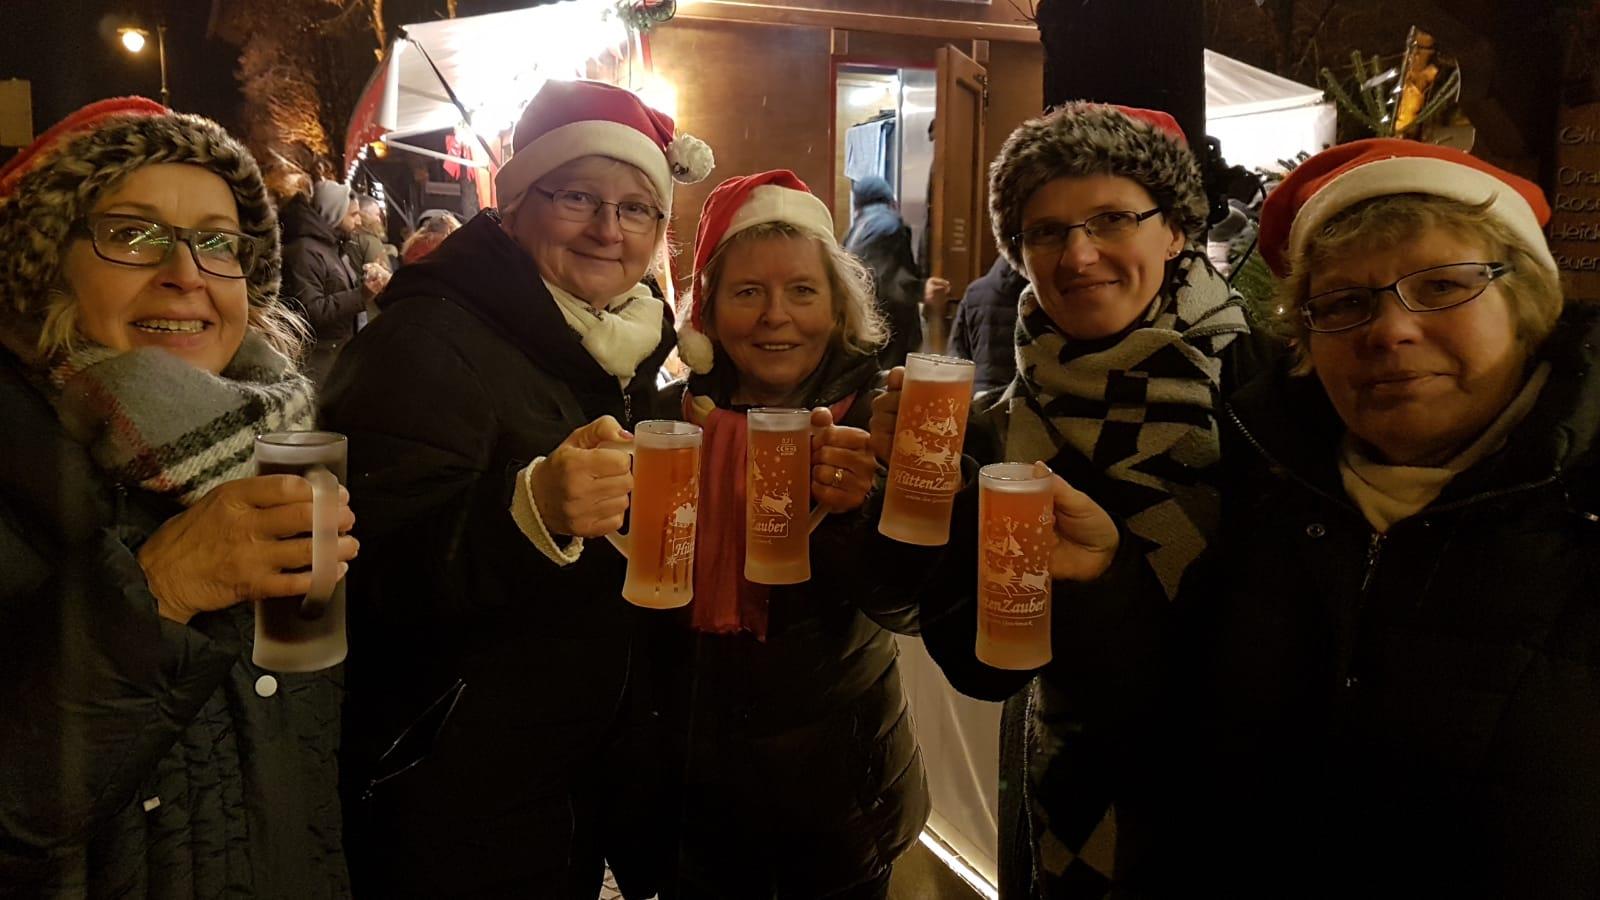 Oh sehr lecker, die Damen trinken Mango - Glühwein, huhu ! Sie sind glücklich, endlich Glühwein trinken !